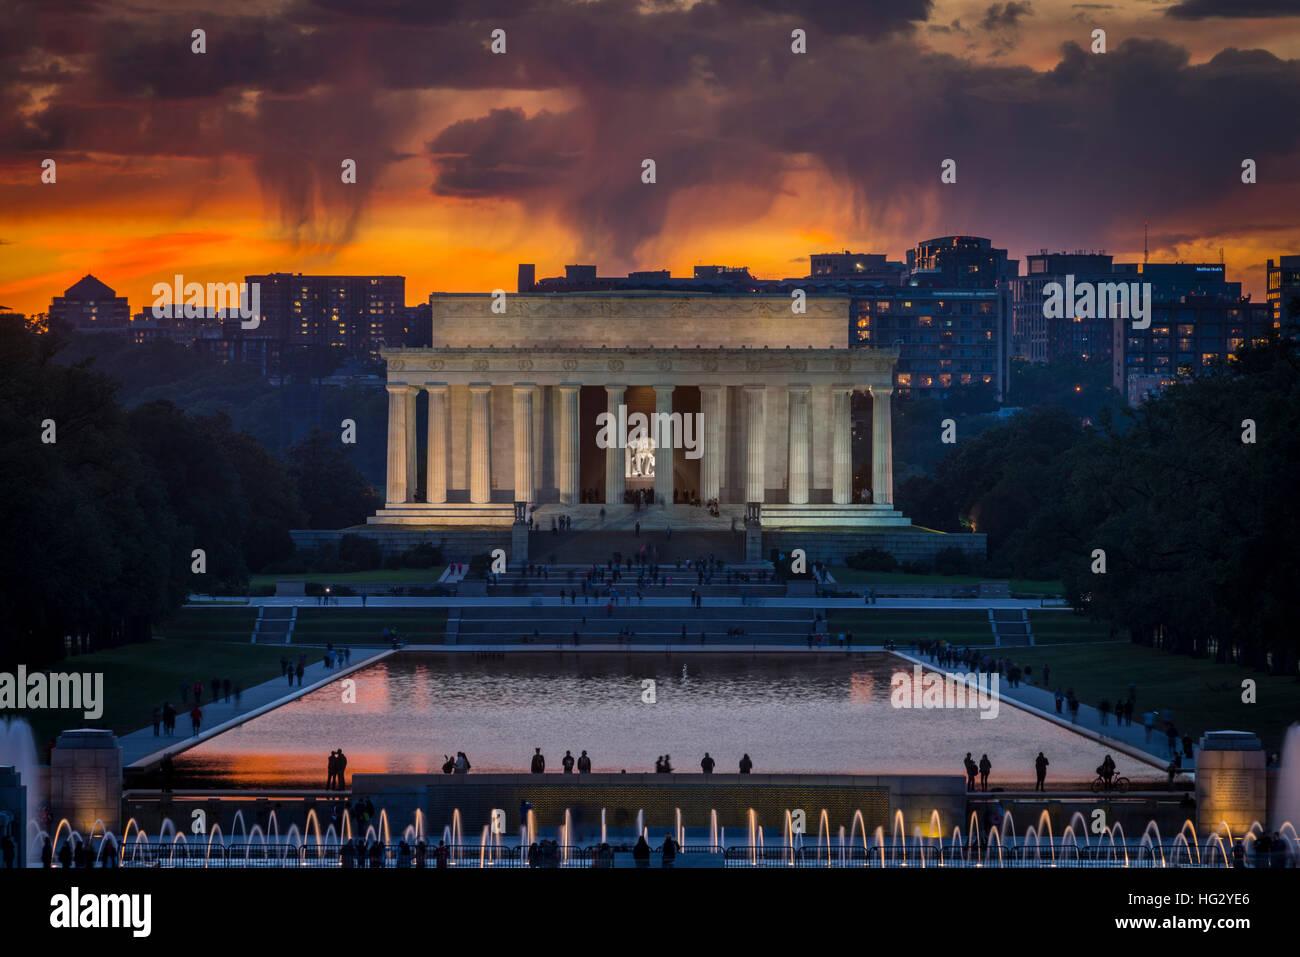 Lincoln Memorial, Washington DC USA - Stock Image